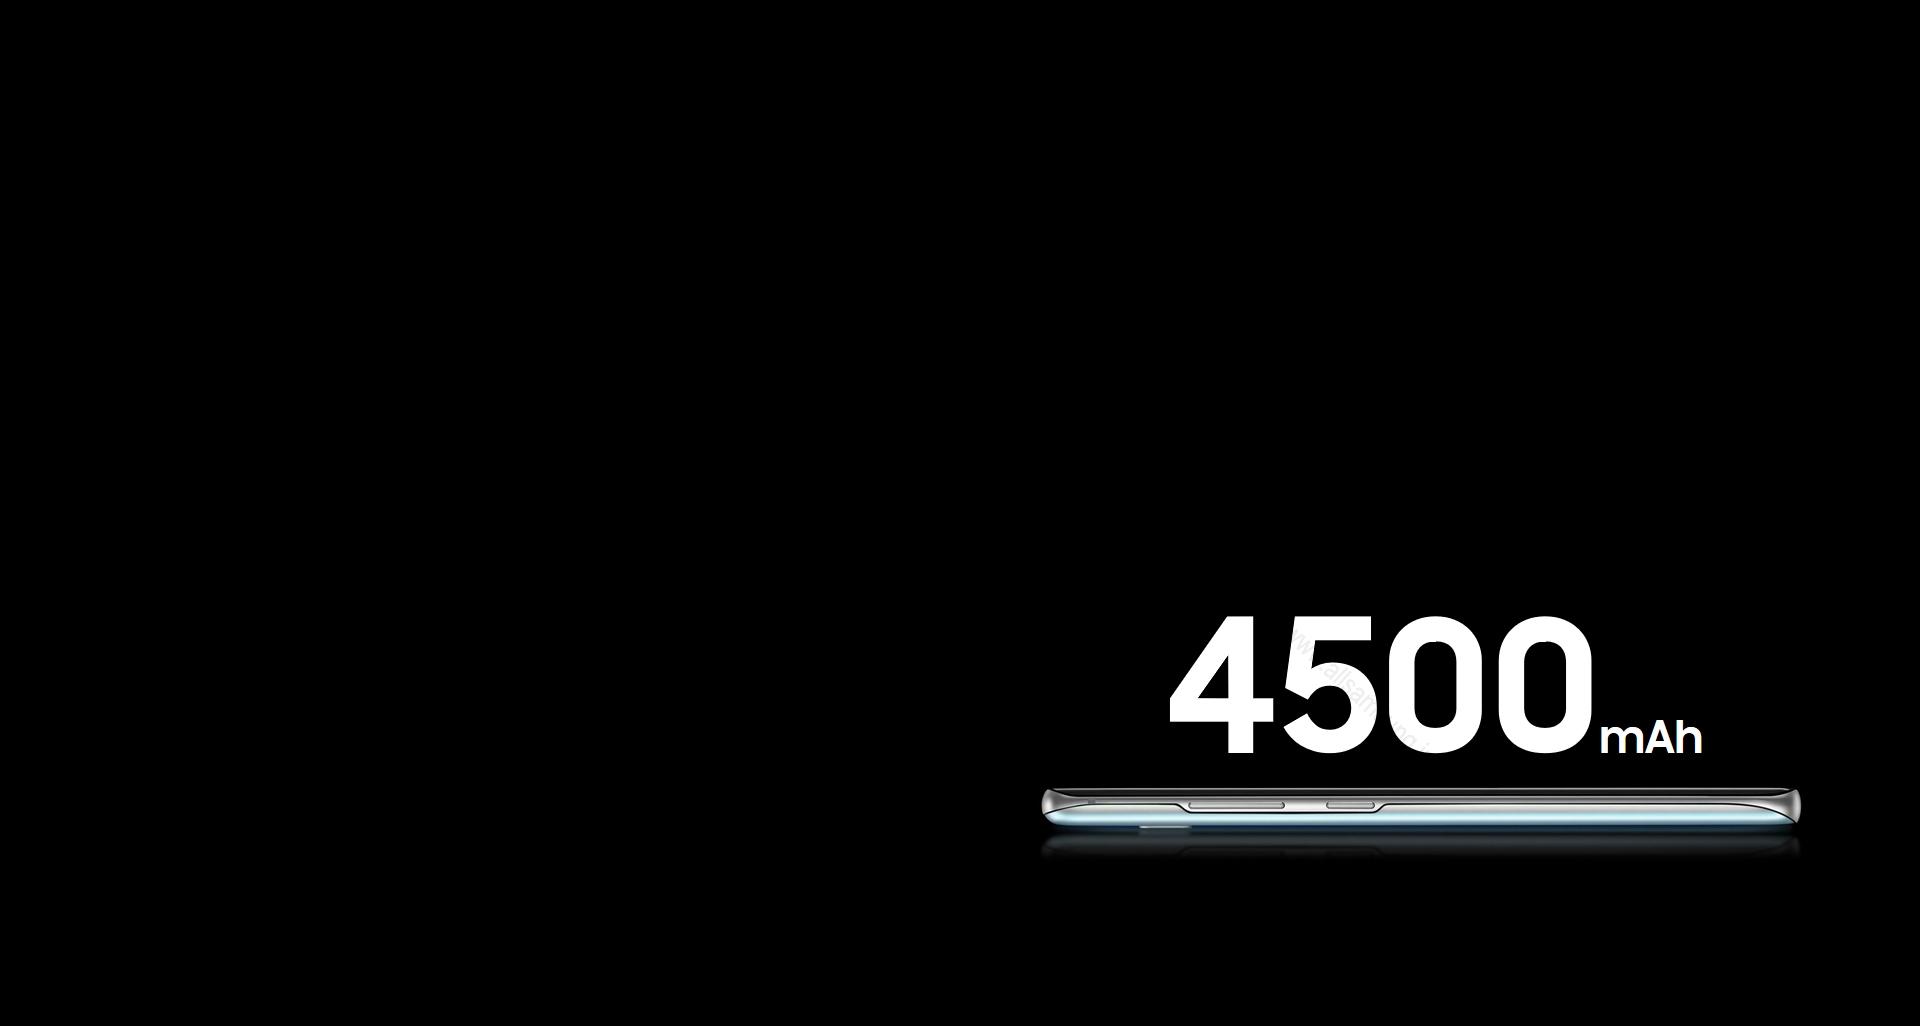 نسل بعدی عملکرد برای نسل جدید سرعت در گوشی گلکسی S10 5G سامسونگ